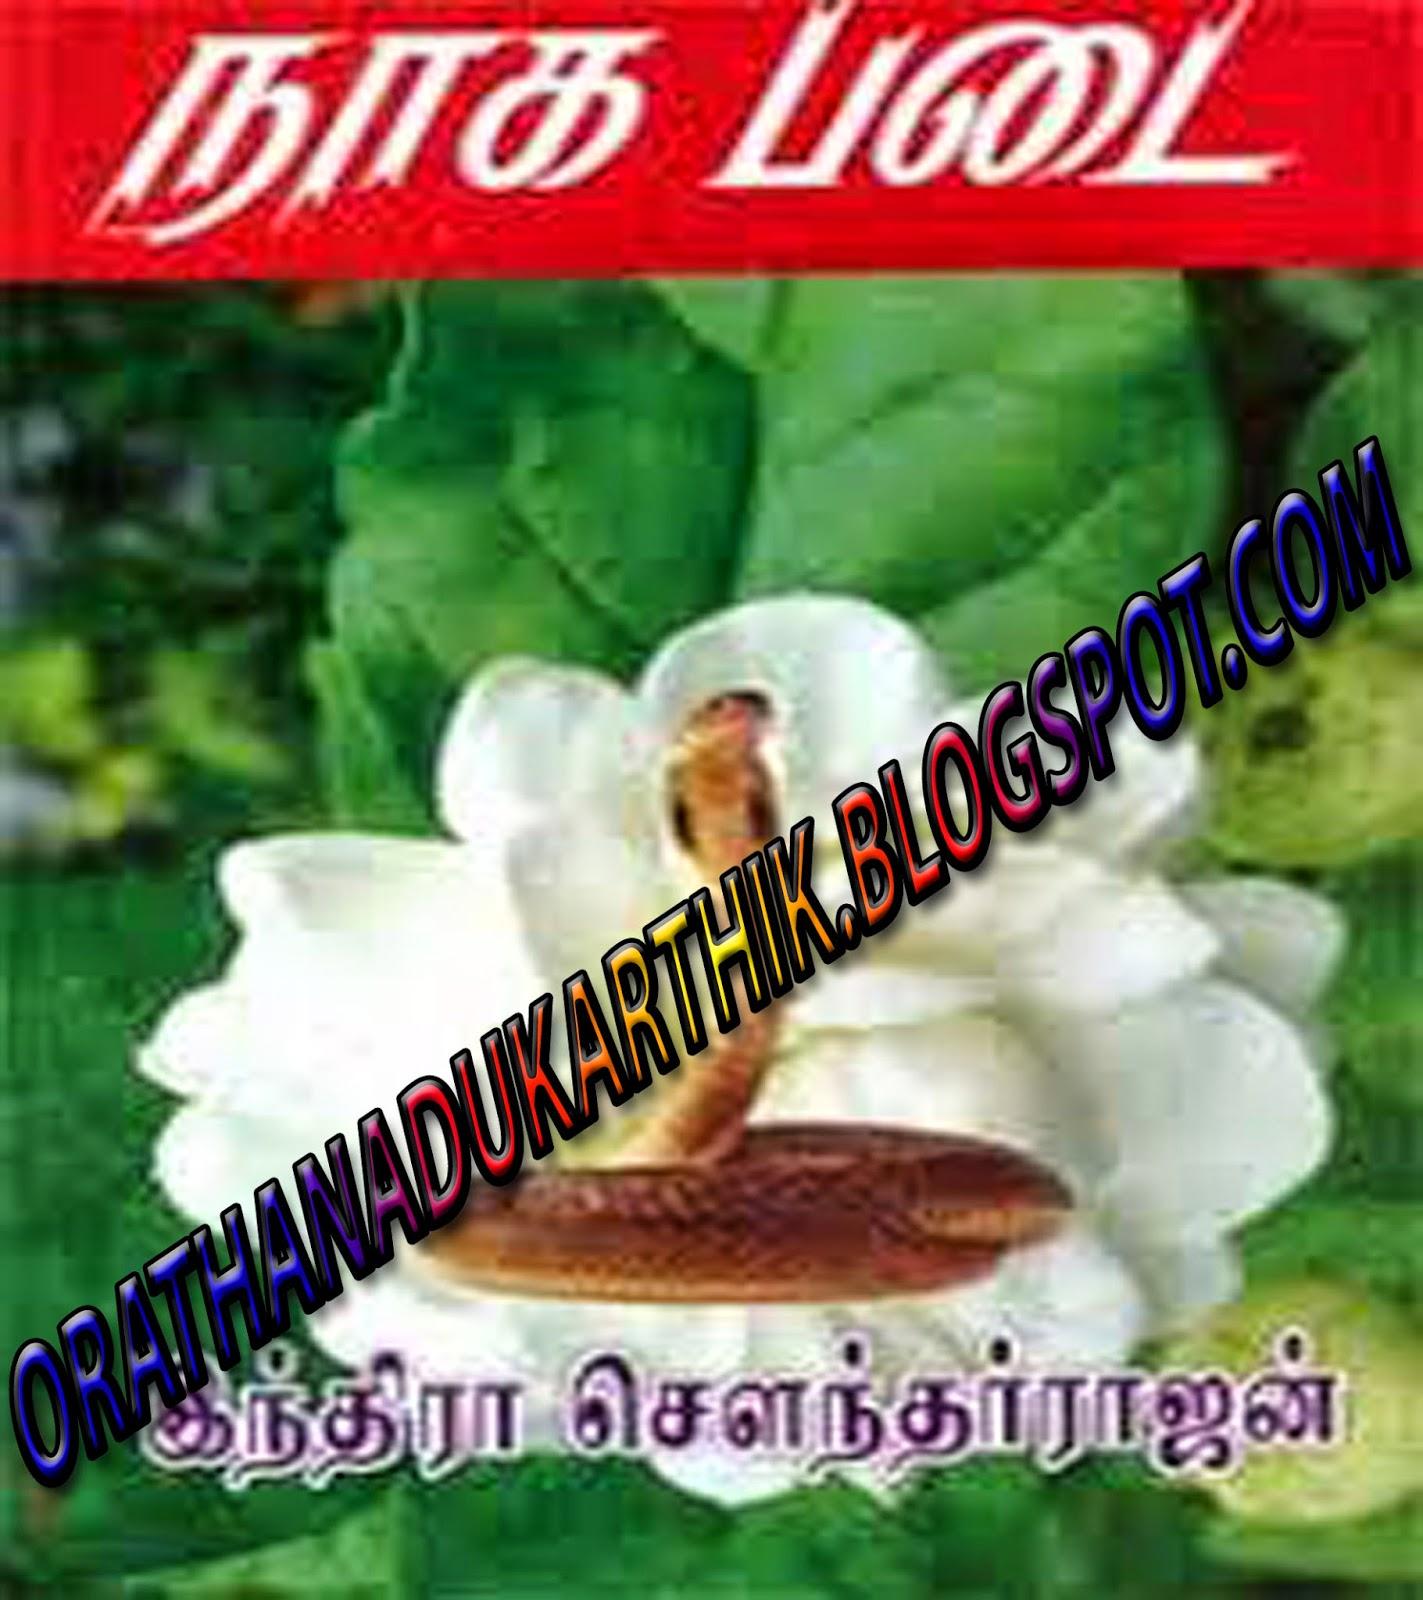 நாக படை -இந்திரா சௌந்தரராஜன் நாவல்  Nagapadai